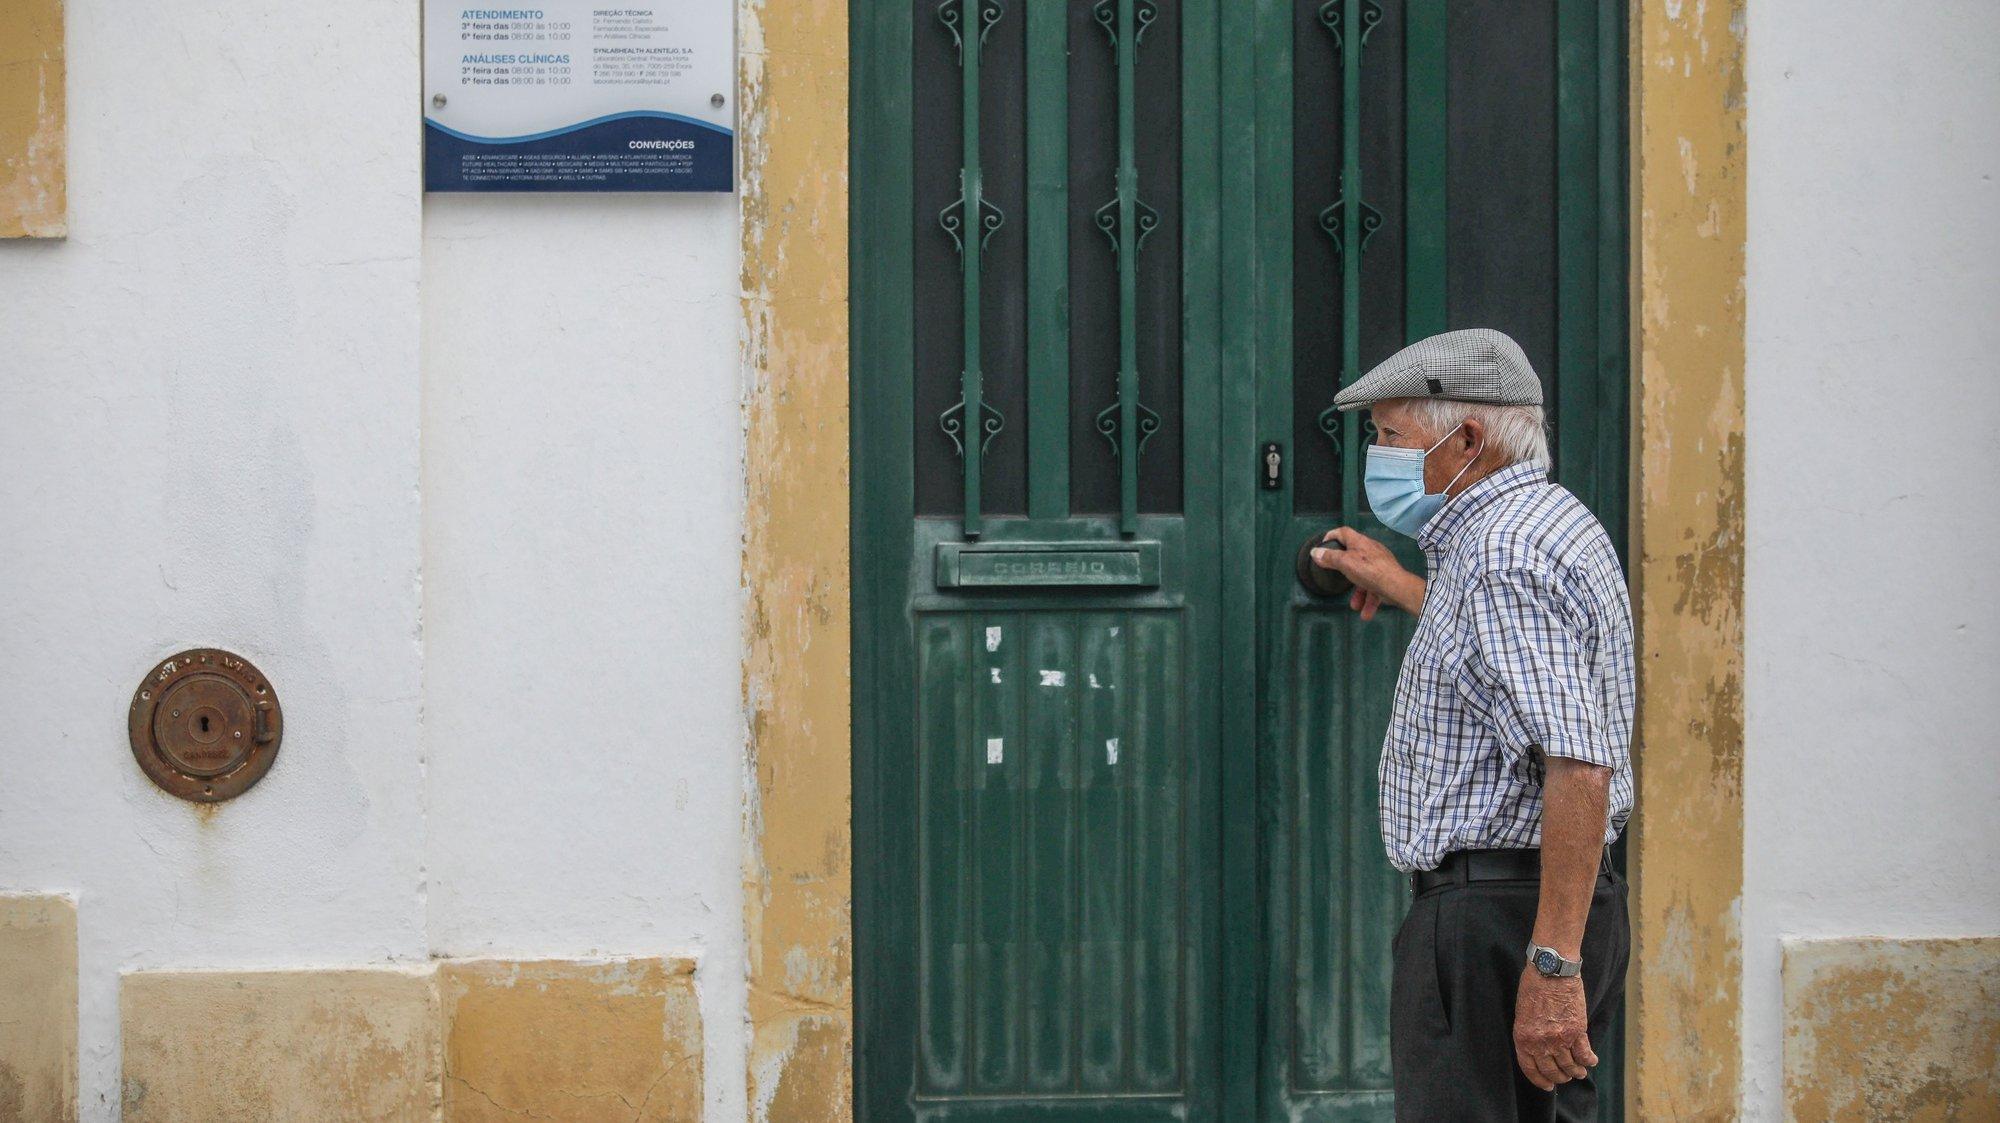 Um popular tenta aceder a um posto de saúde  nas ruas de Mora, em Évora, 18 agosto 2020. O número de pessoas infetadas com covid-19 na vila alentejana de Mora subiu hoje para 46, mais quatro do que na segunda-feira, disse à agência Lusa o presidente do município. ANDRÉ KOSTERS / LUSA